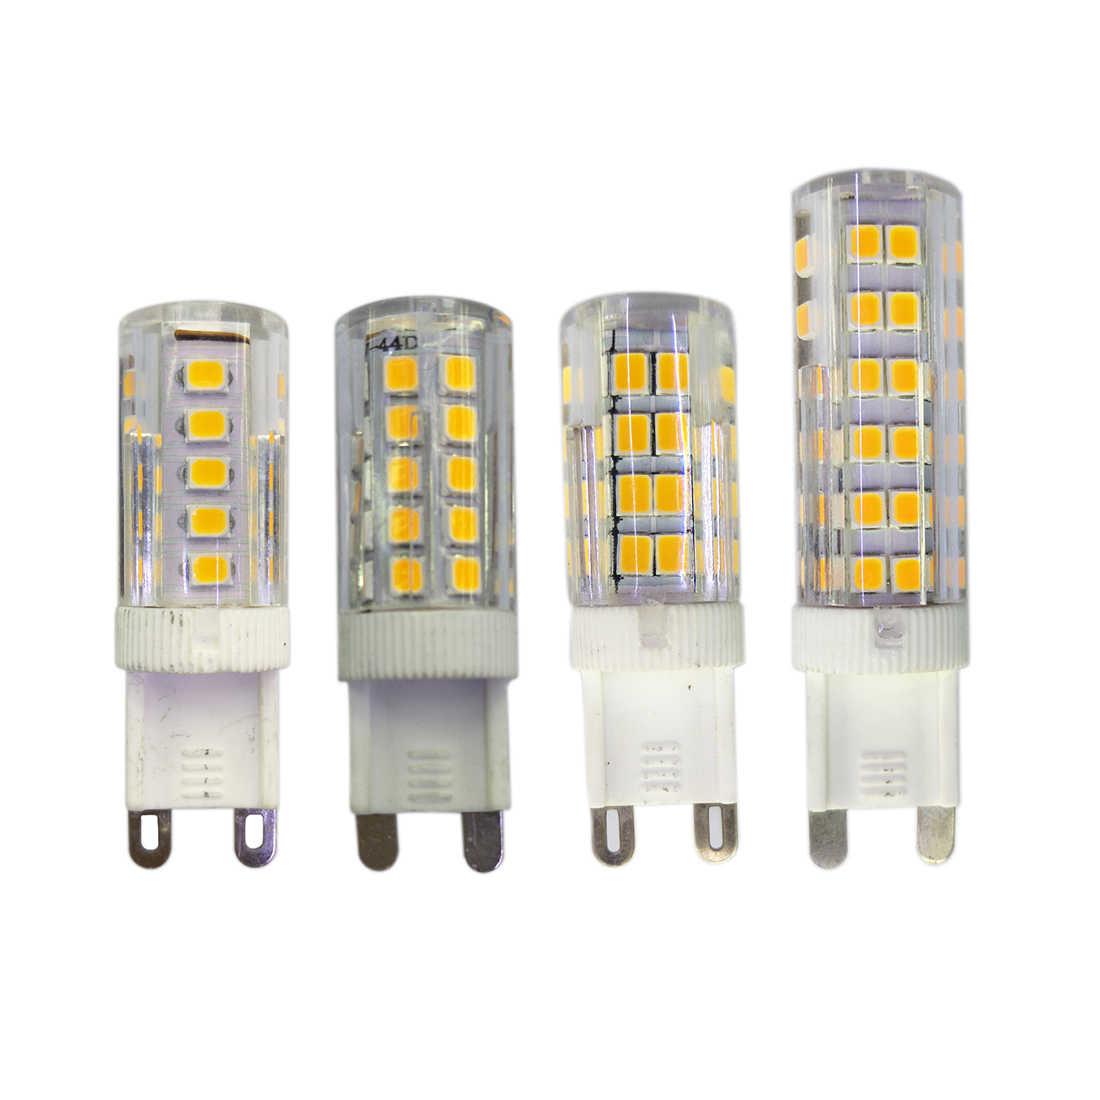 G9 светодиодные лампы AC220V 240V 5 W 7 9 12 Теплый/Холодный белый 360 градусов угол луча